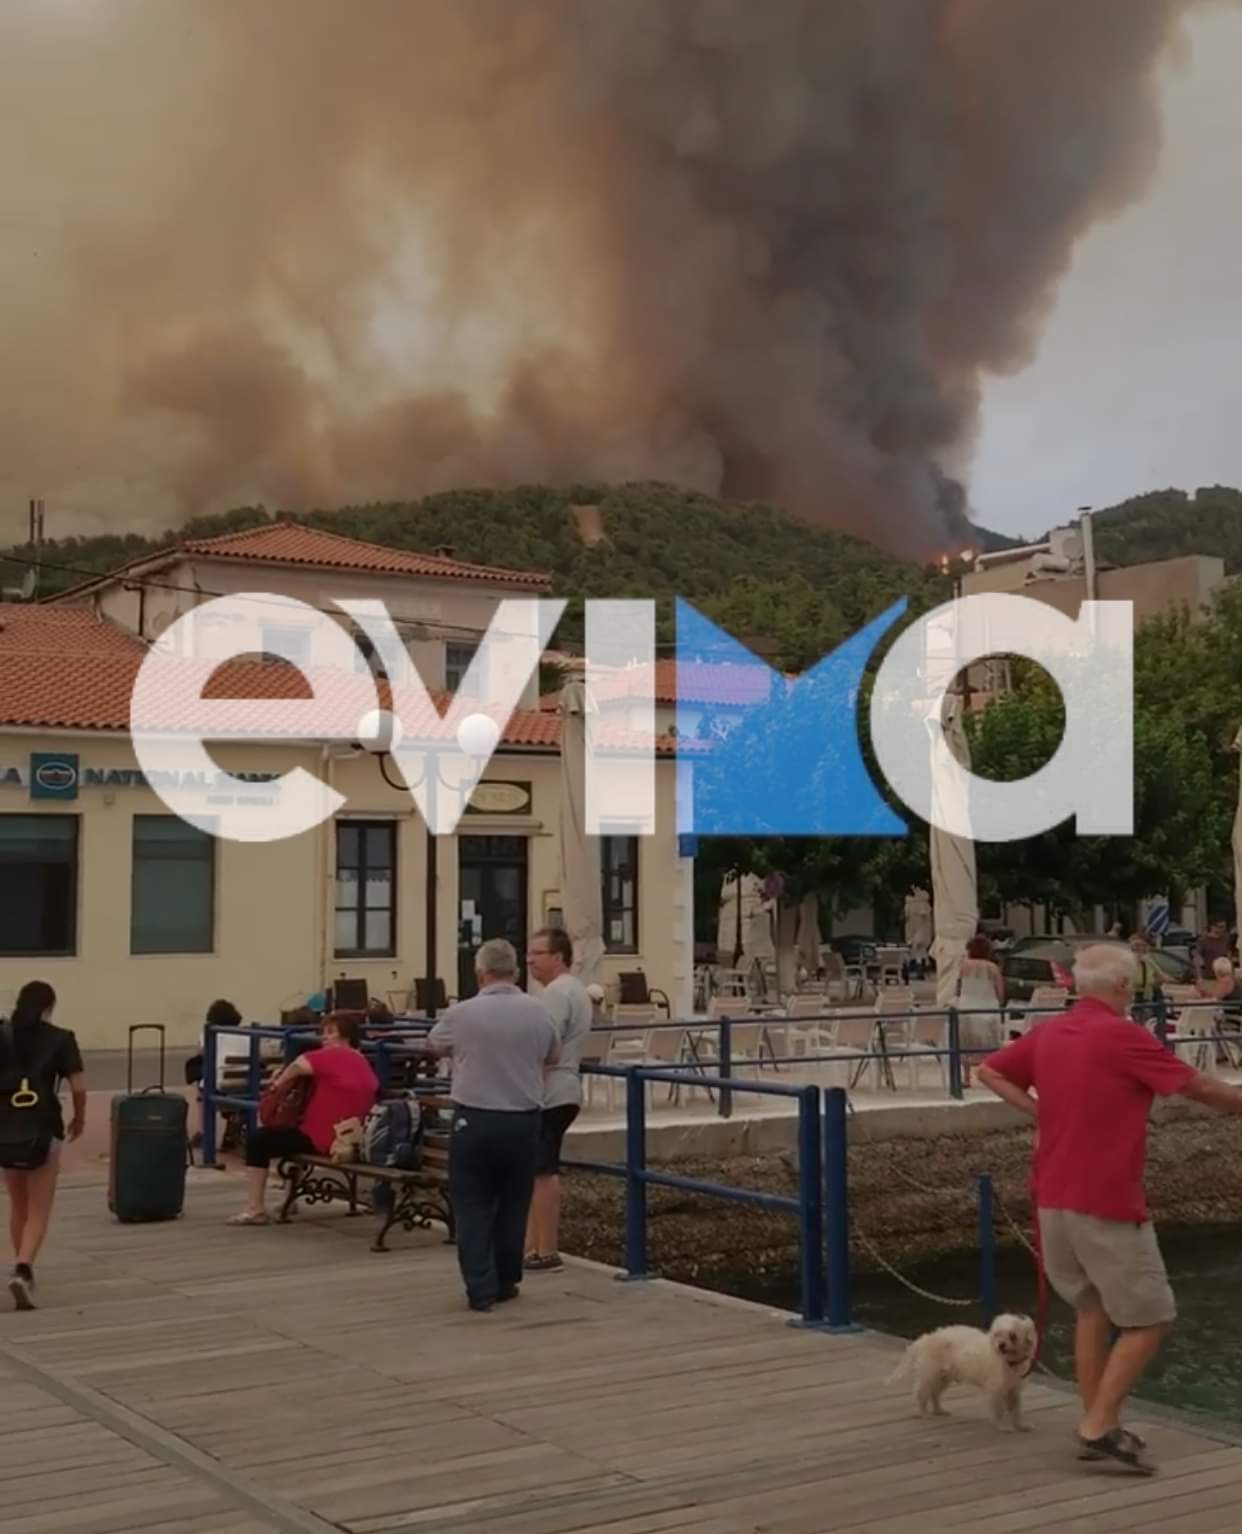 Φωτιά Εύβοια: Εκκενώνεται η Λίμνη με μήνυμα από το 112 – Δύο ferry boat θα μεταφέρουν τον κόσμο στην Αιδηψό